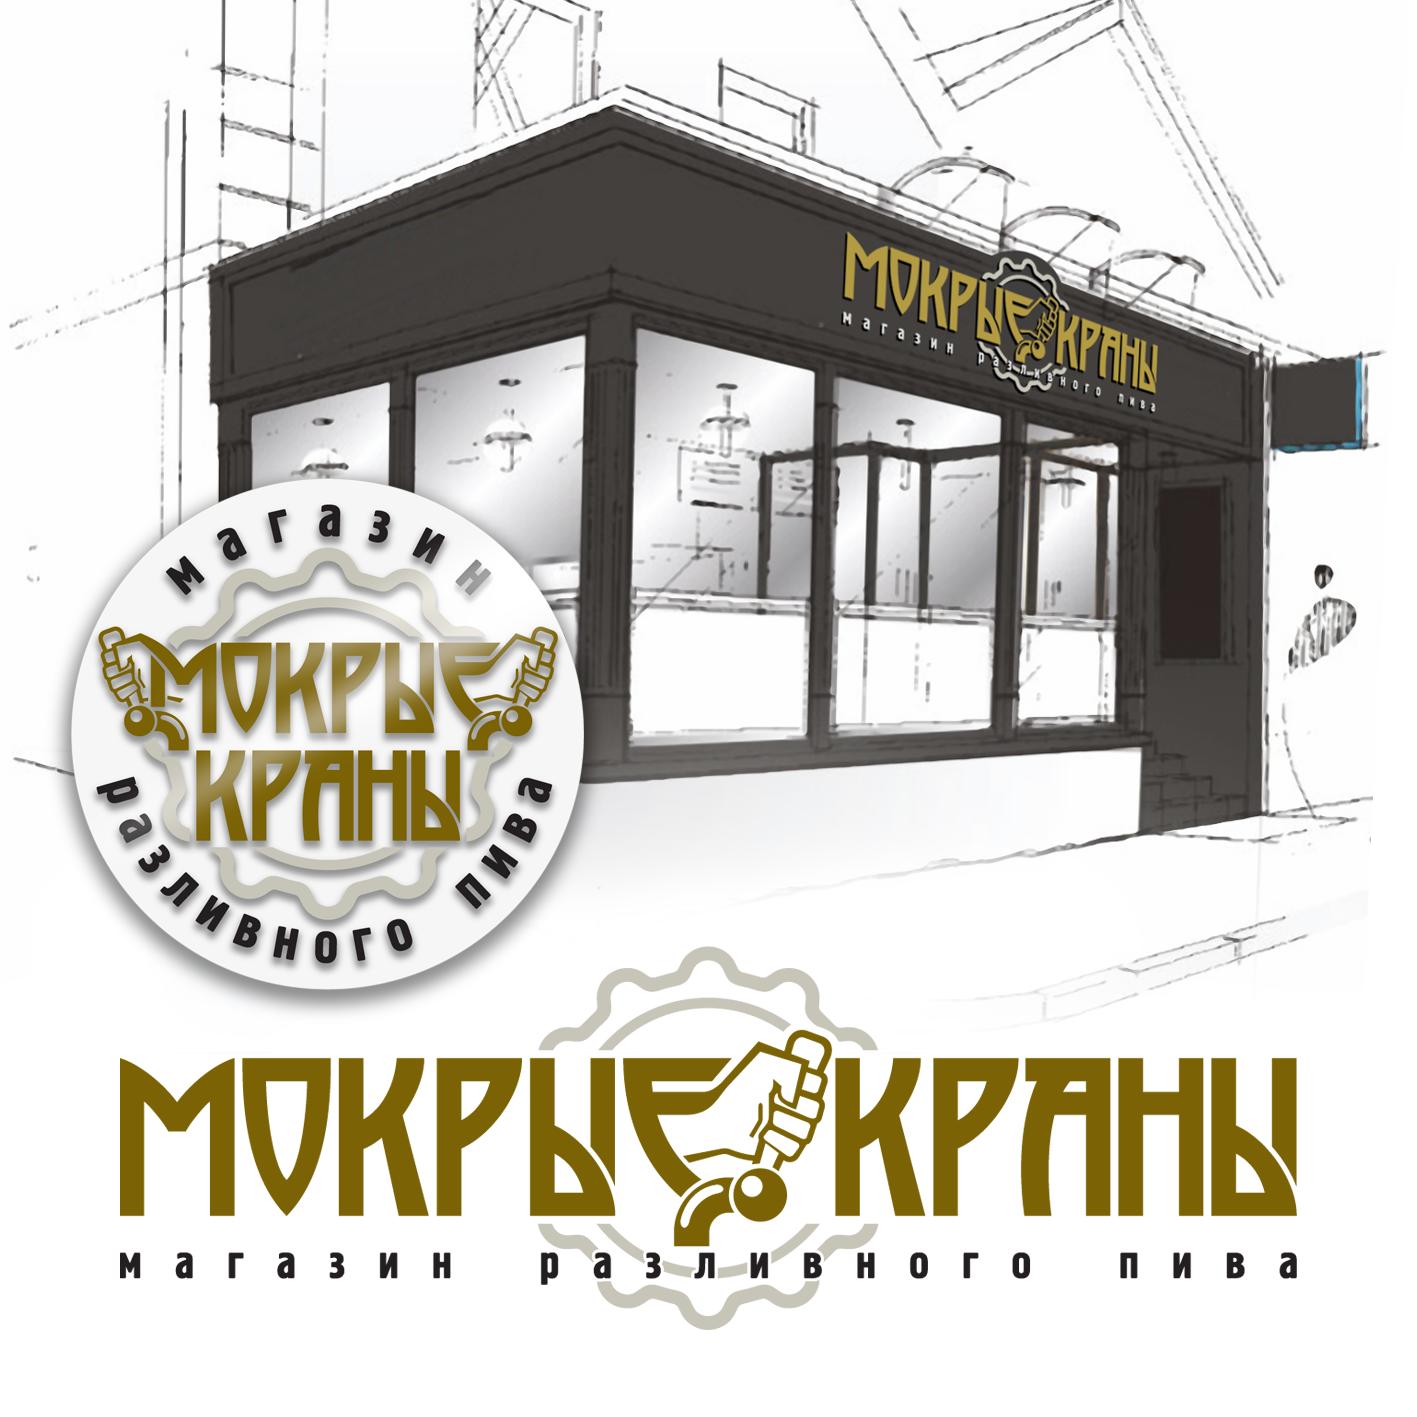 Вывеска/логотип для пивного магазина фото f_3016023ca624b90a.png